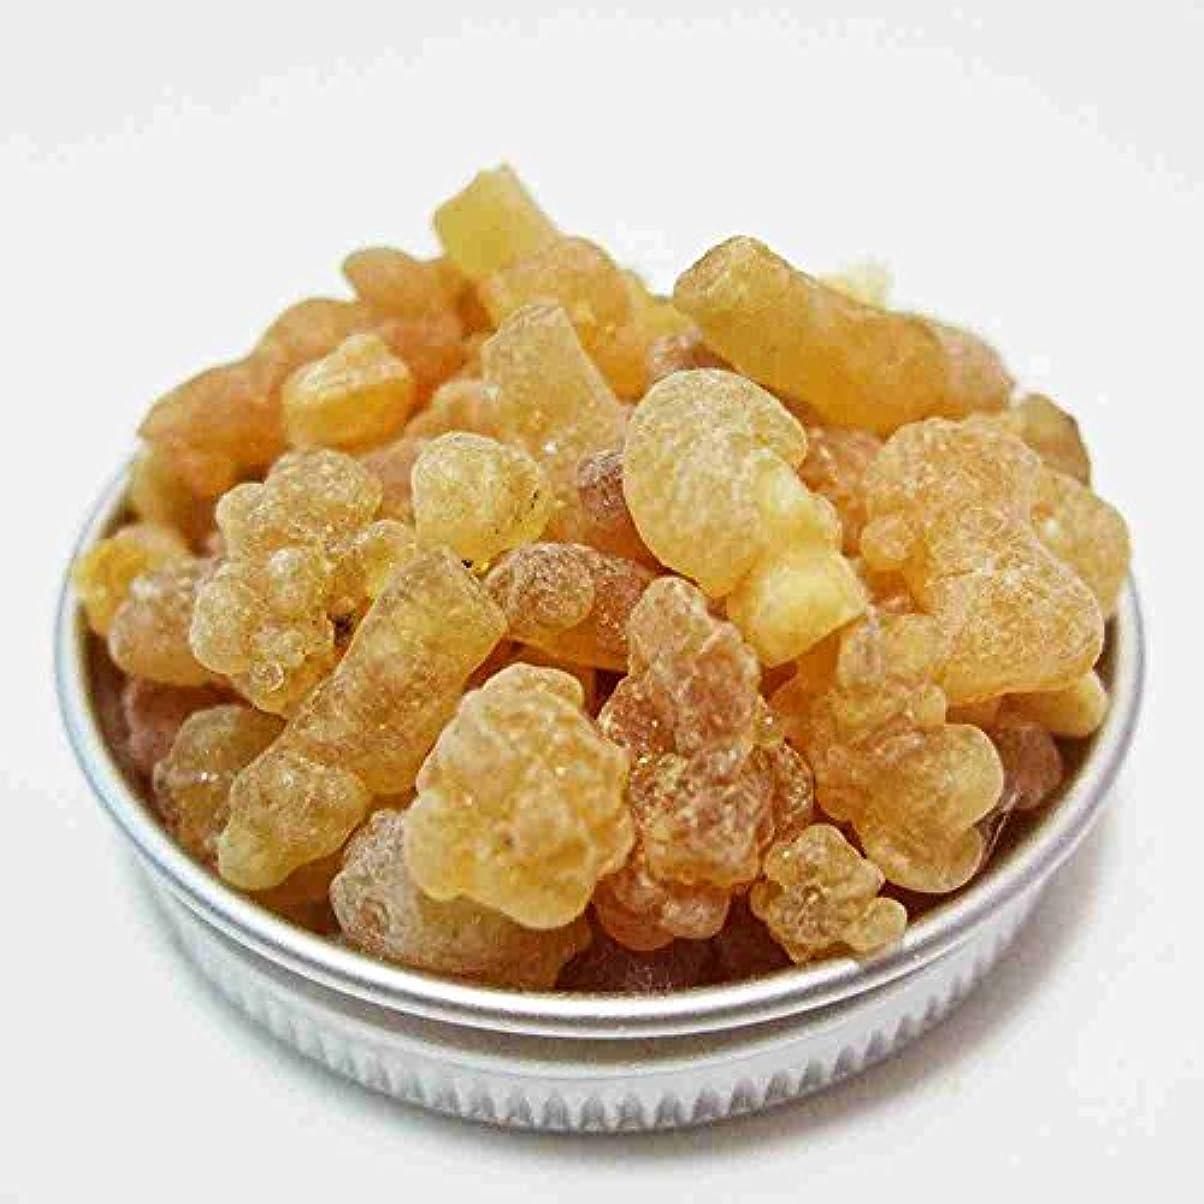 に賛成想像力推進、動かすフランキンセンス Frsnkincense (乳香) 天然樹脂香 フランキンセンス(乳香), 1 Ounce (28 g)